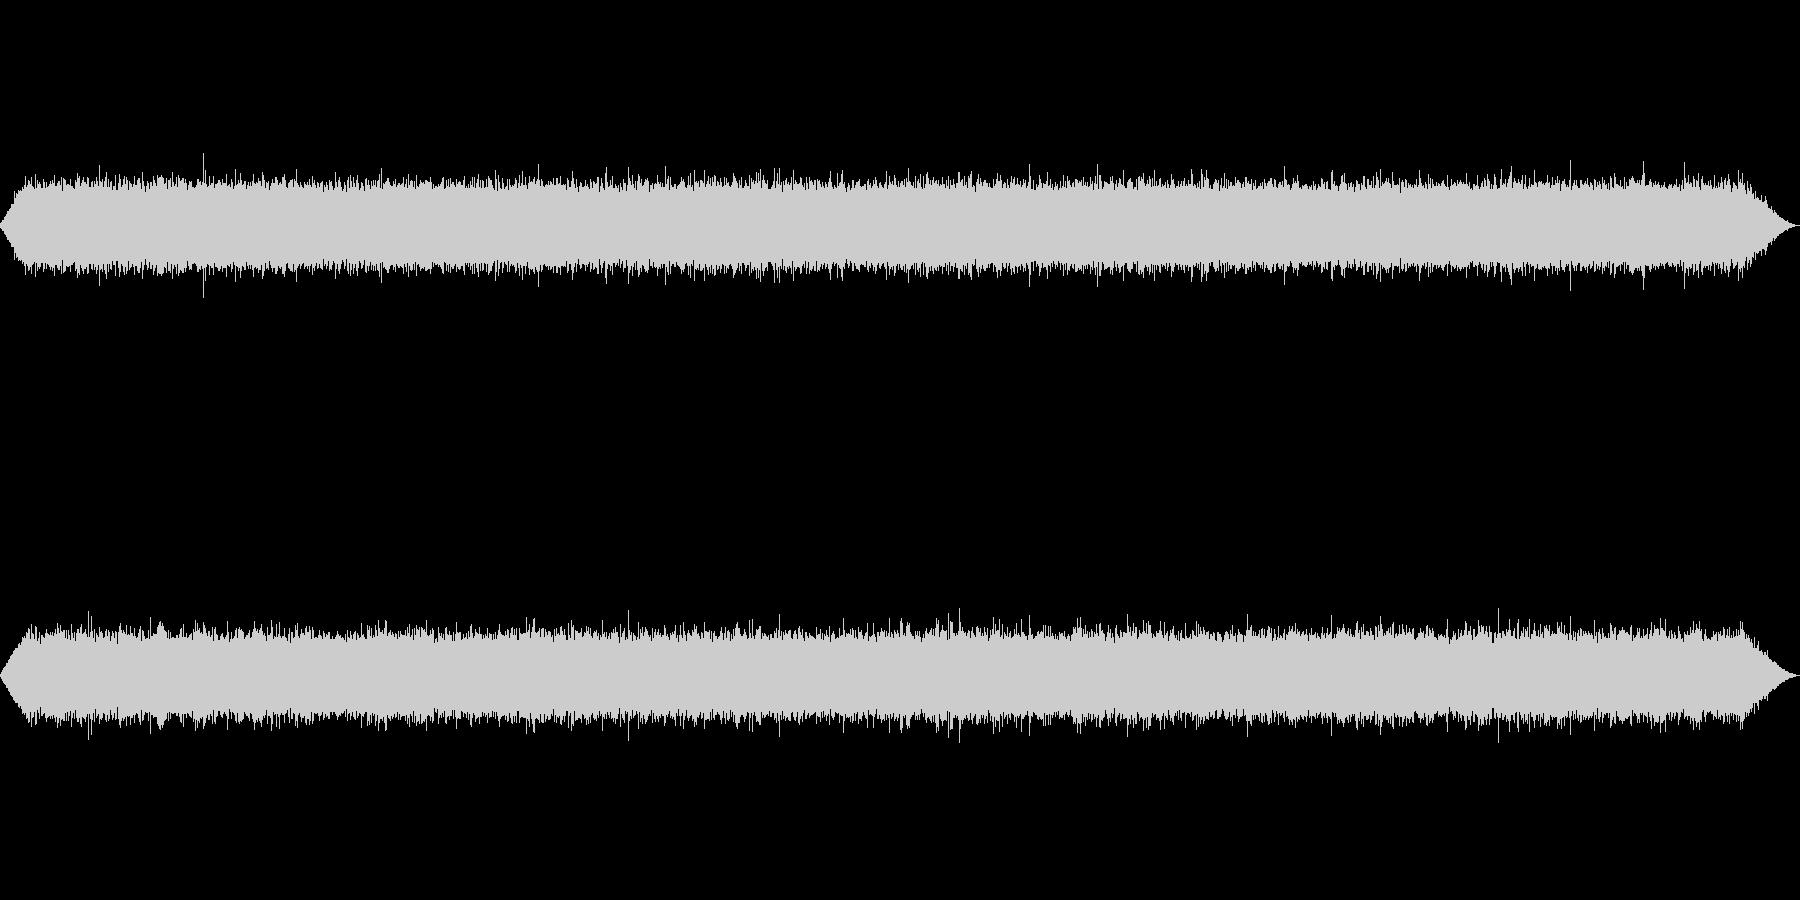 【自然音】渓流01(恵那)バイノーラルの未再生の波形